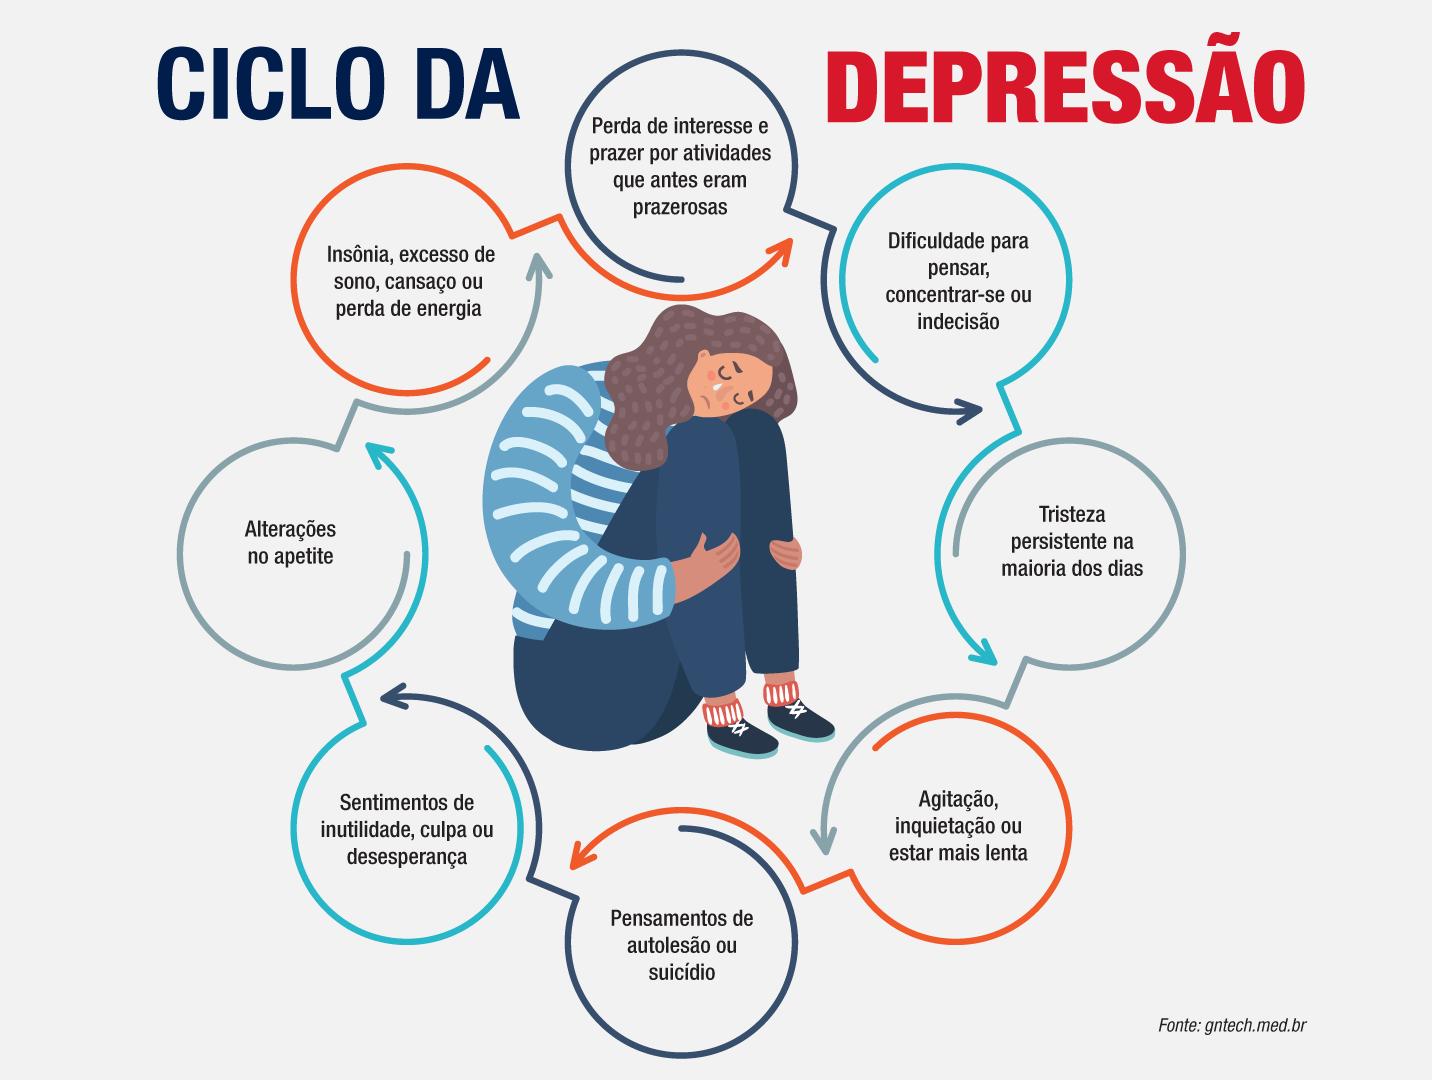 Depressão: As mulheres são as mais afetadas